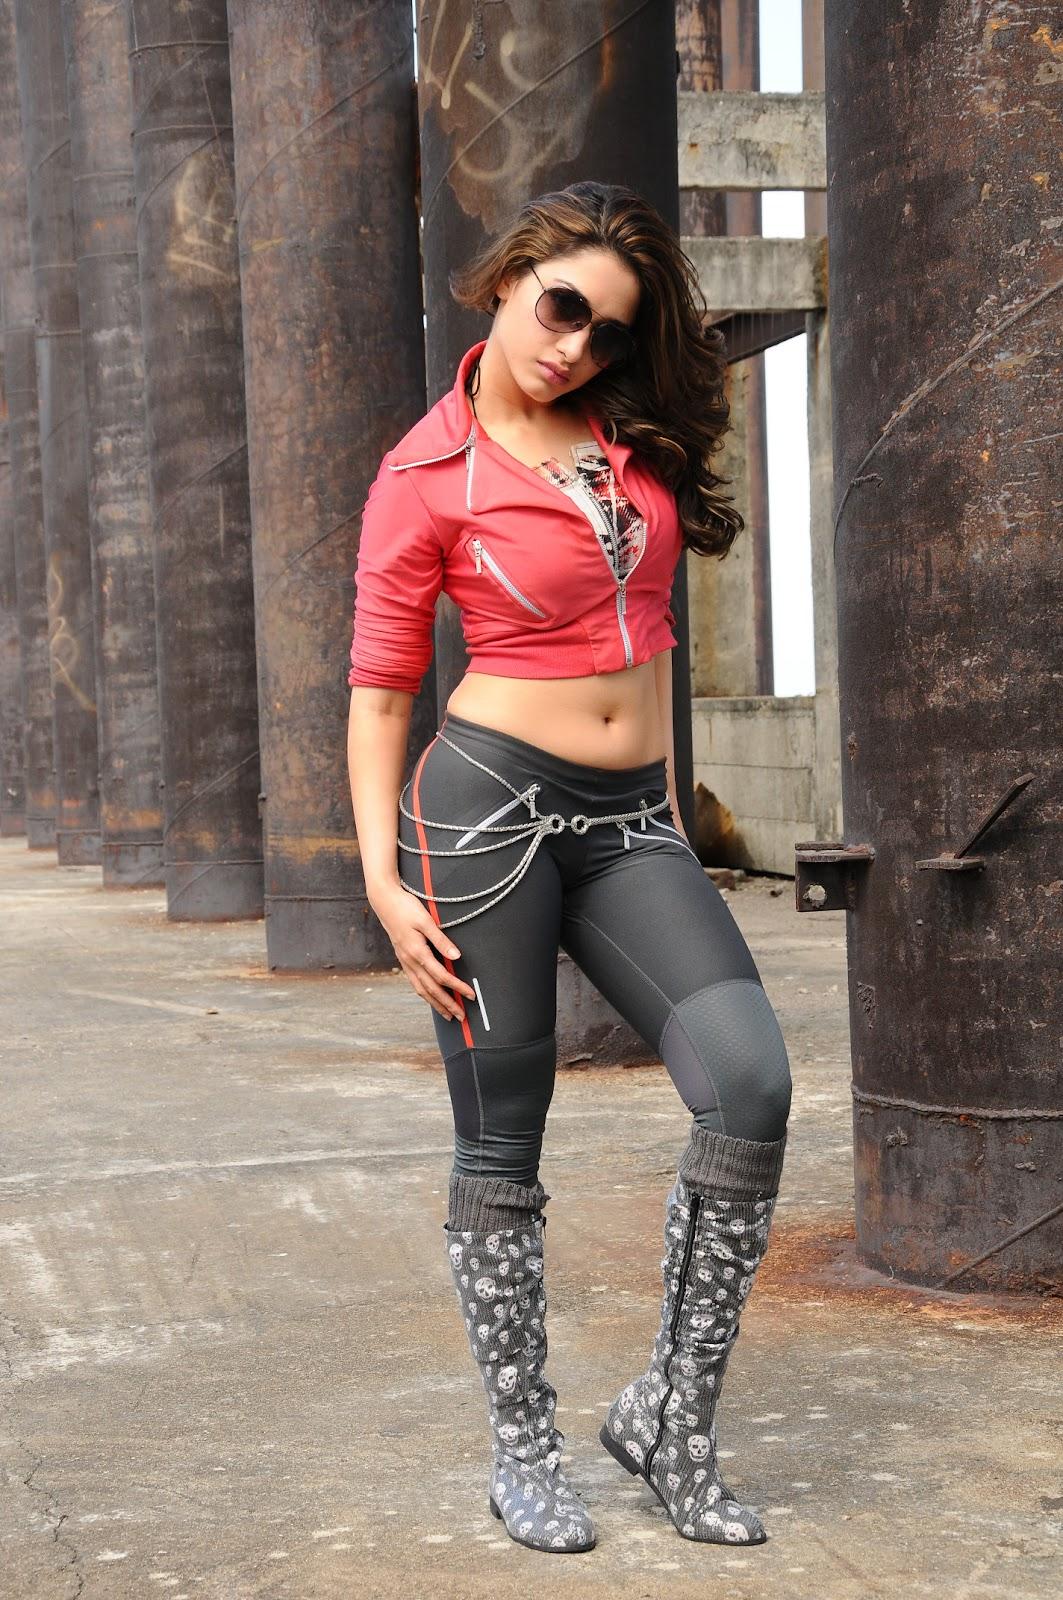 telugu hot actress tamanna dancing images | actress images